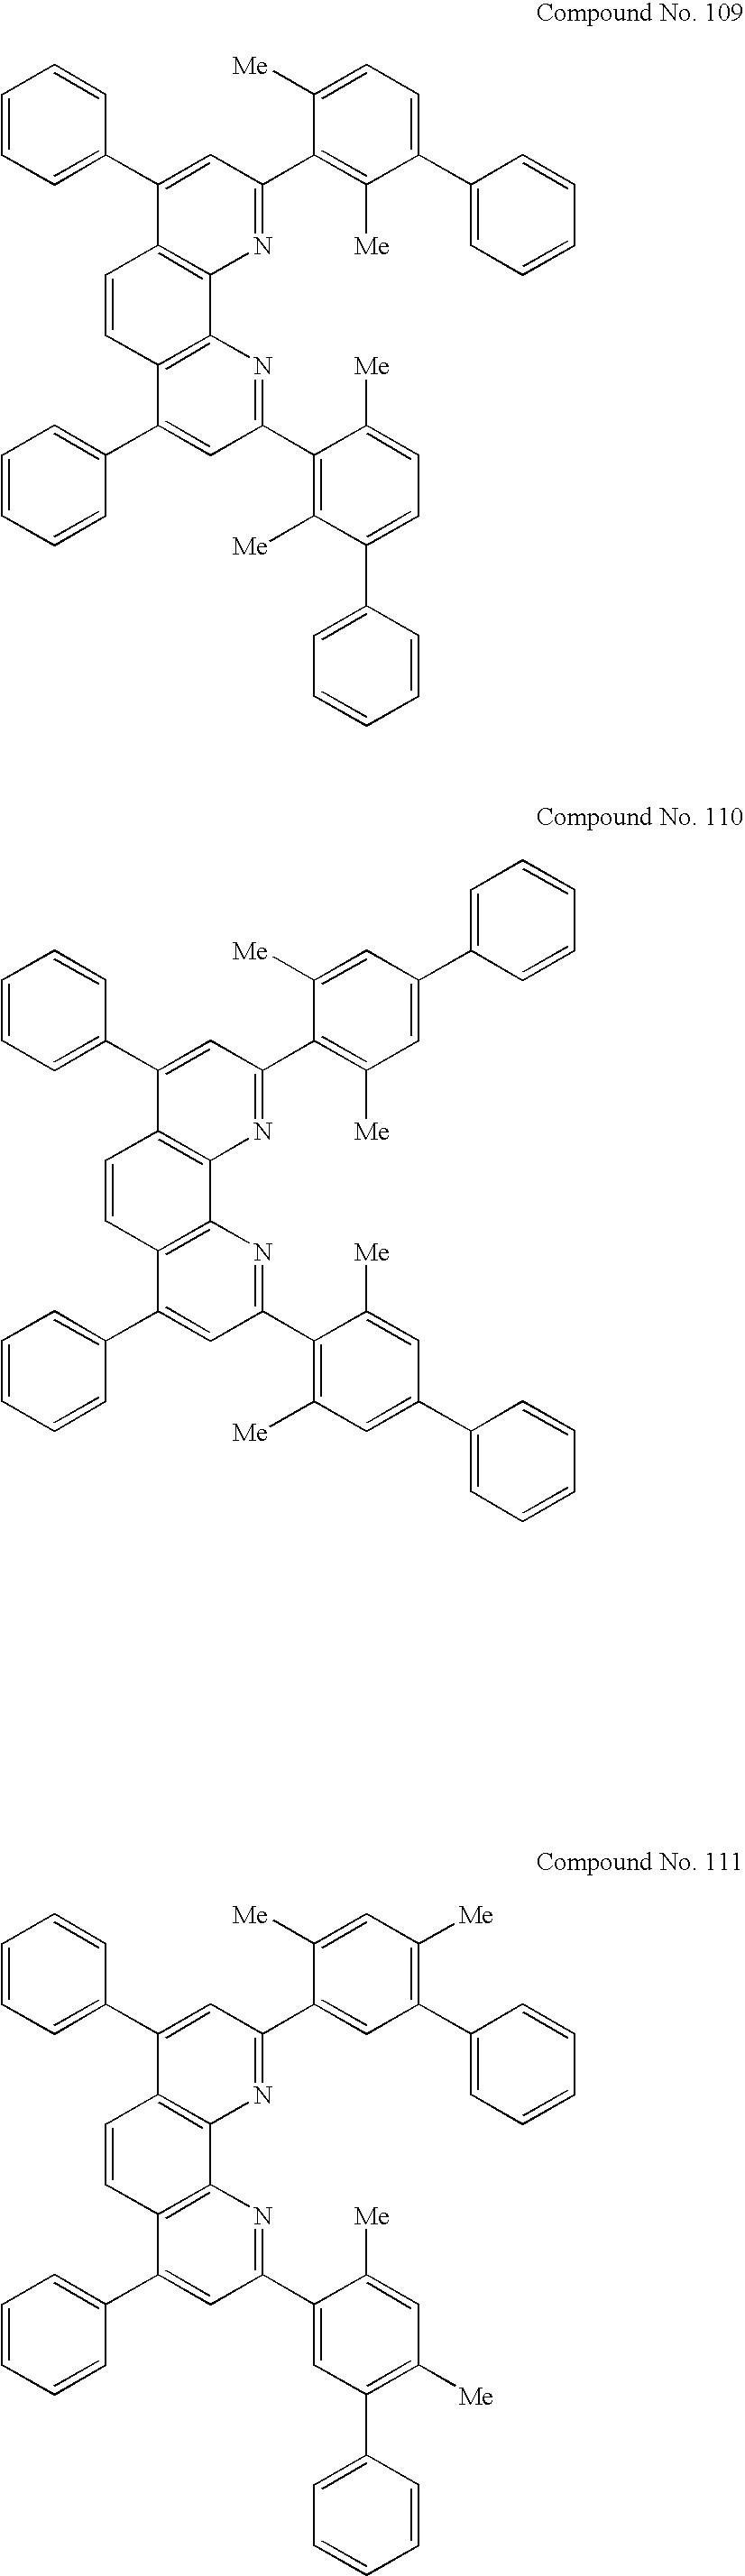 Figure US20050073641A1-20050407-C00035